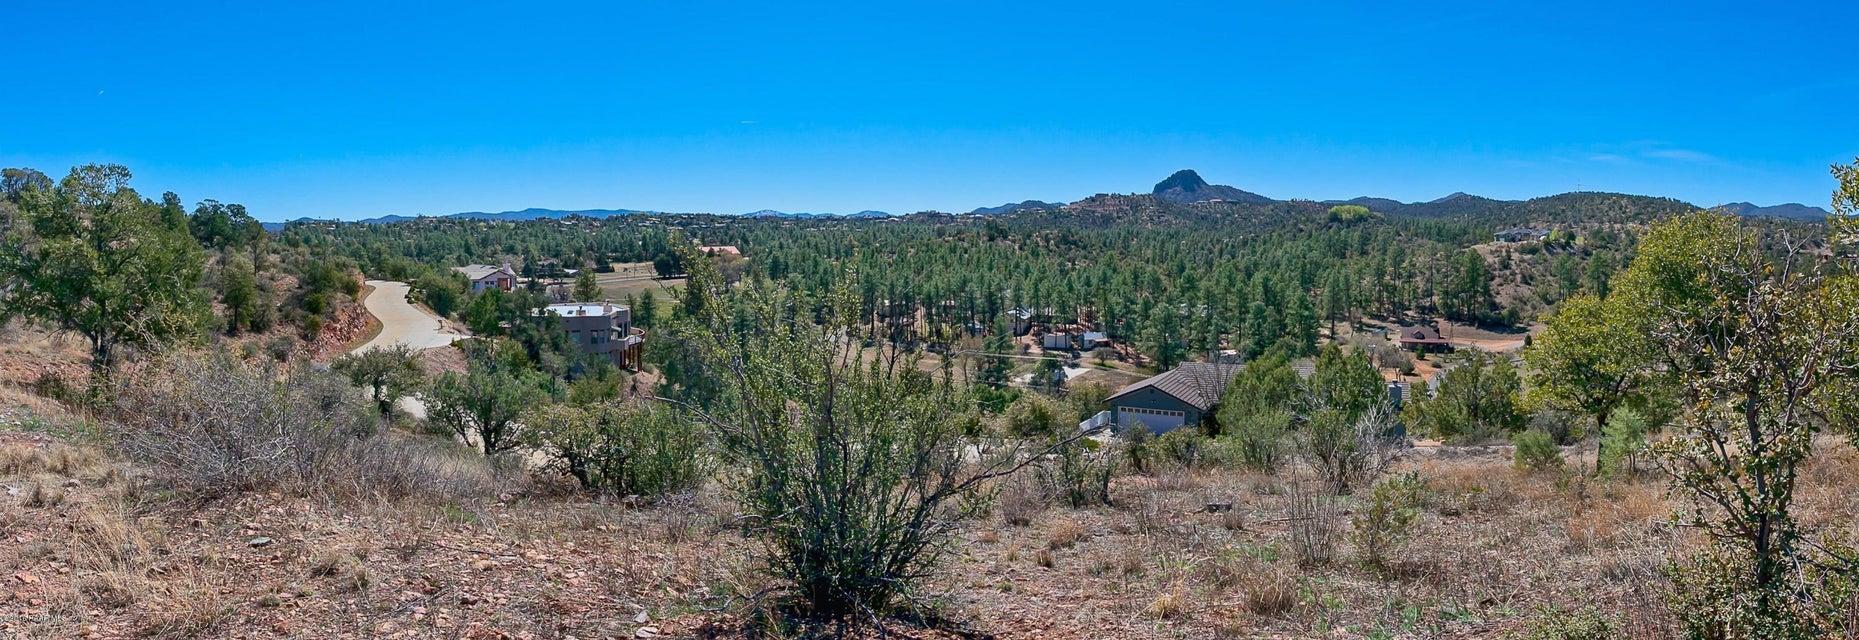 2313 W Loma Vista Drive Prescott, AZ 86305 - MLS #: 993437